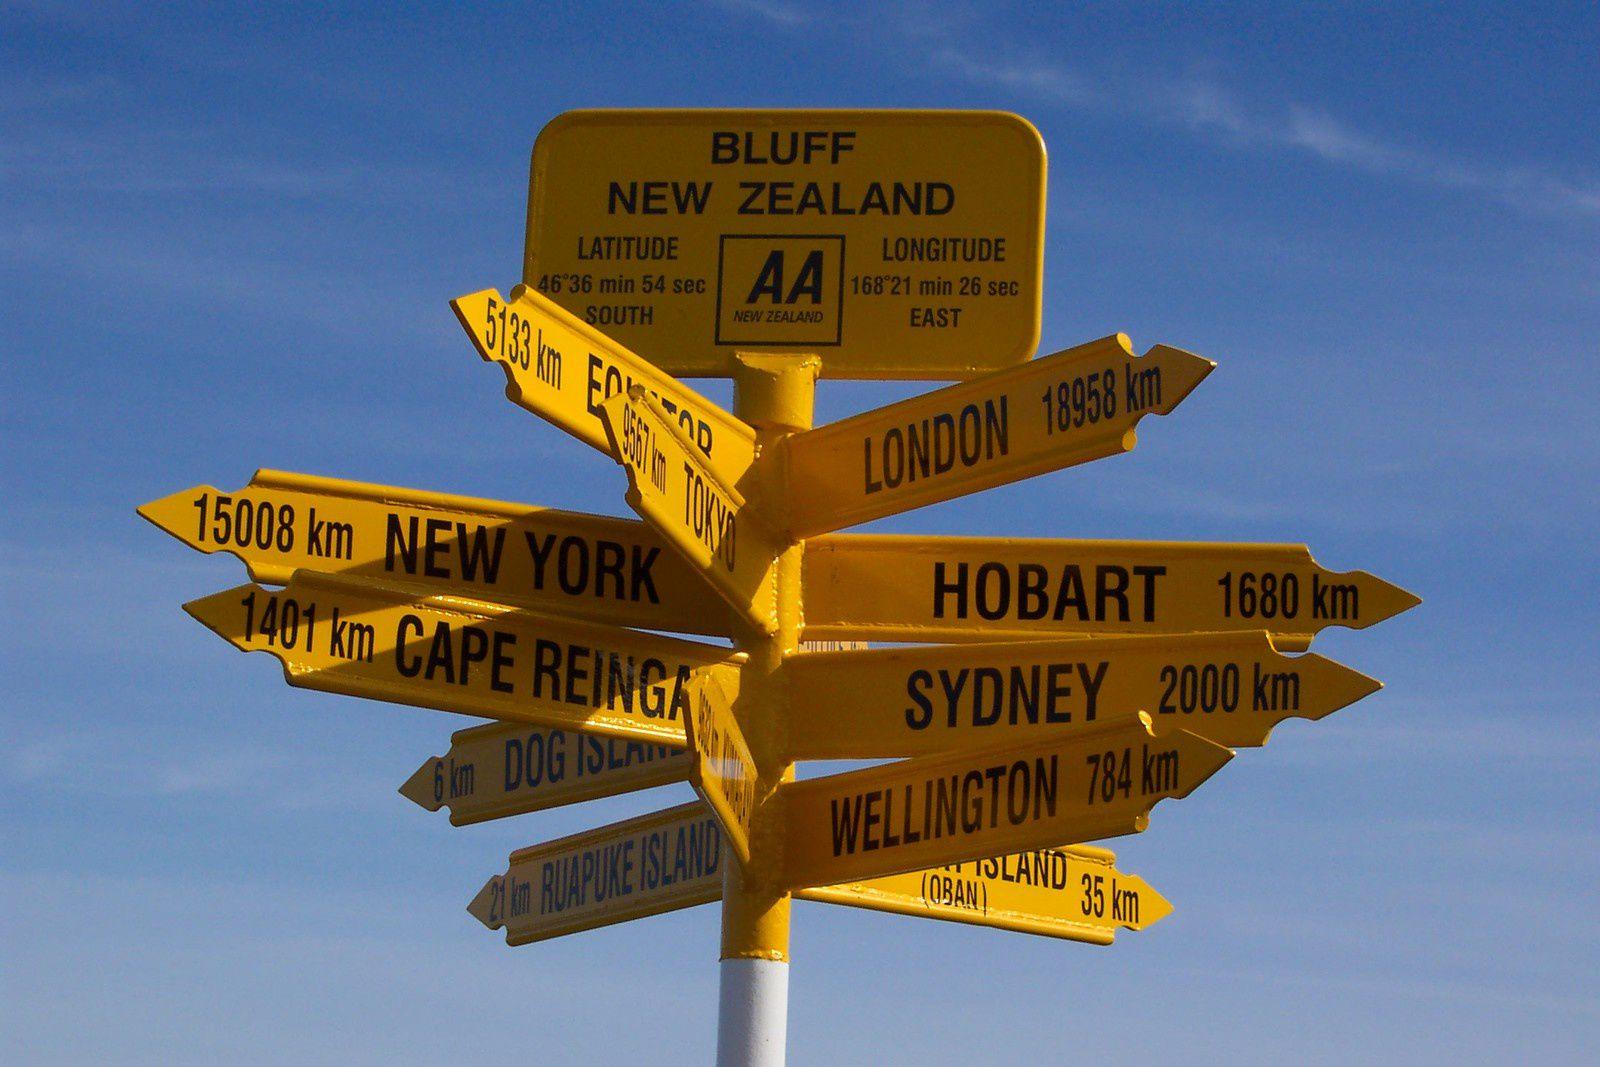 #bluff #zelande #nz #voyage #panneau #charlotteblabla blog